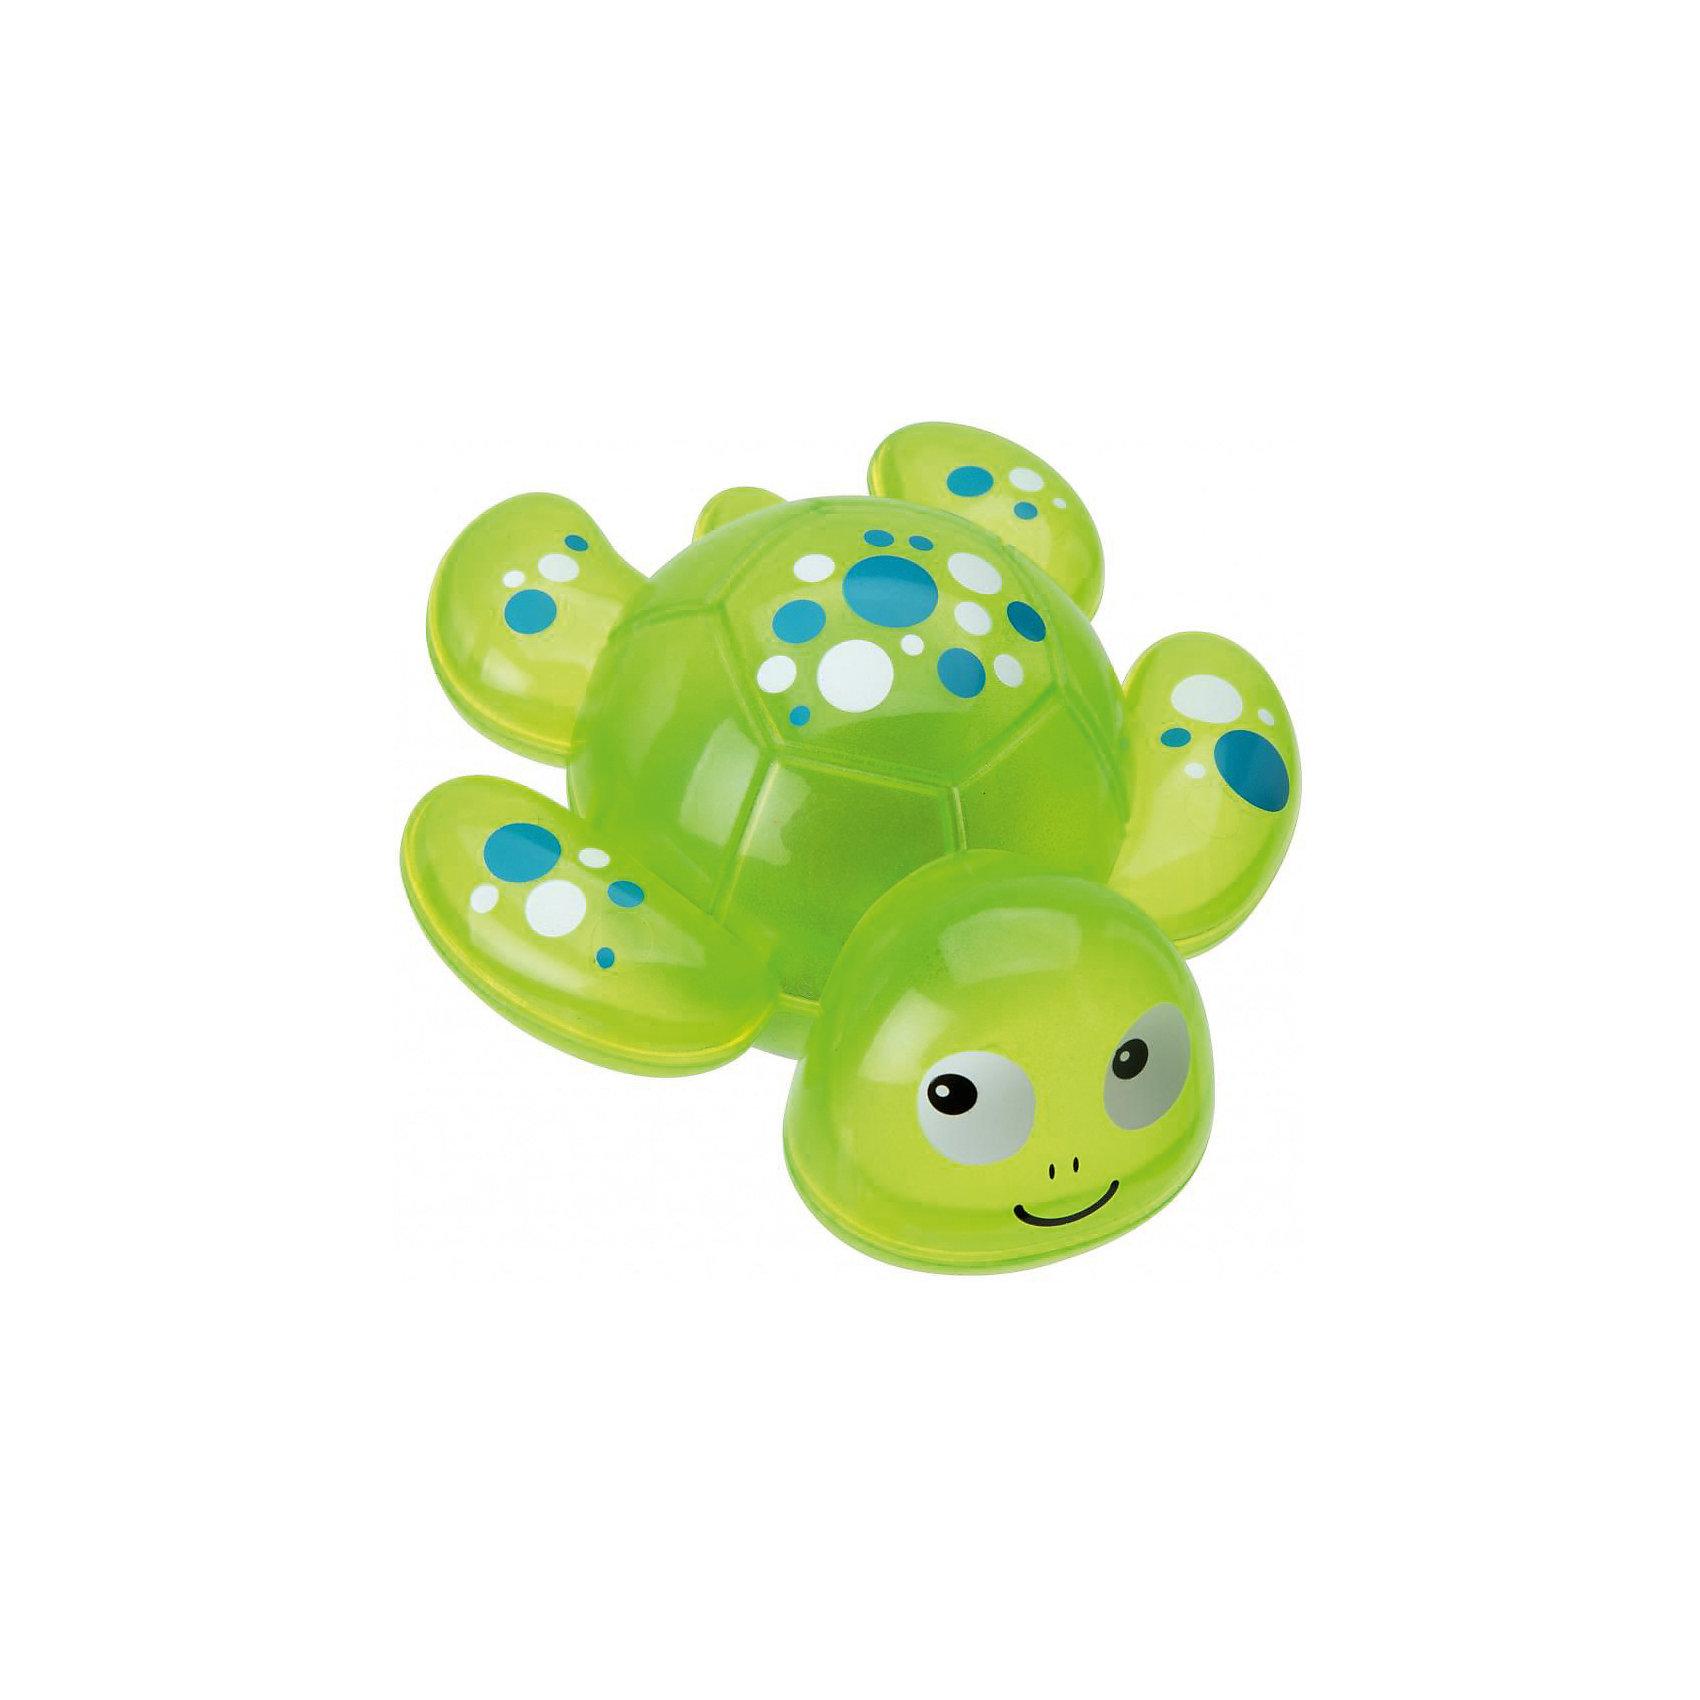 ALEX Игрушка для ванны Черепашка, ALEX игрушка для ванны черепашка 842t